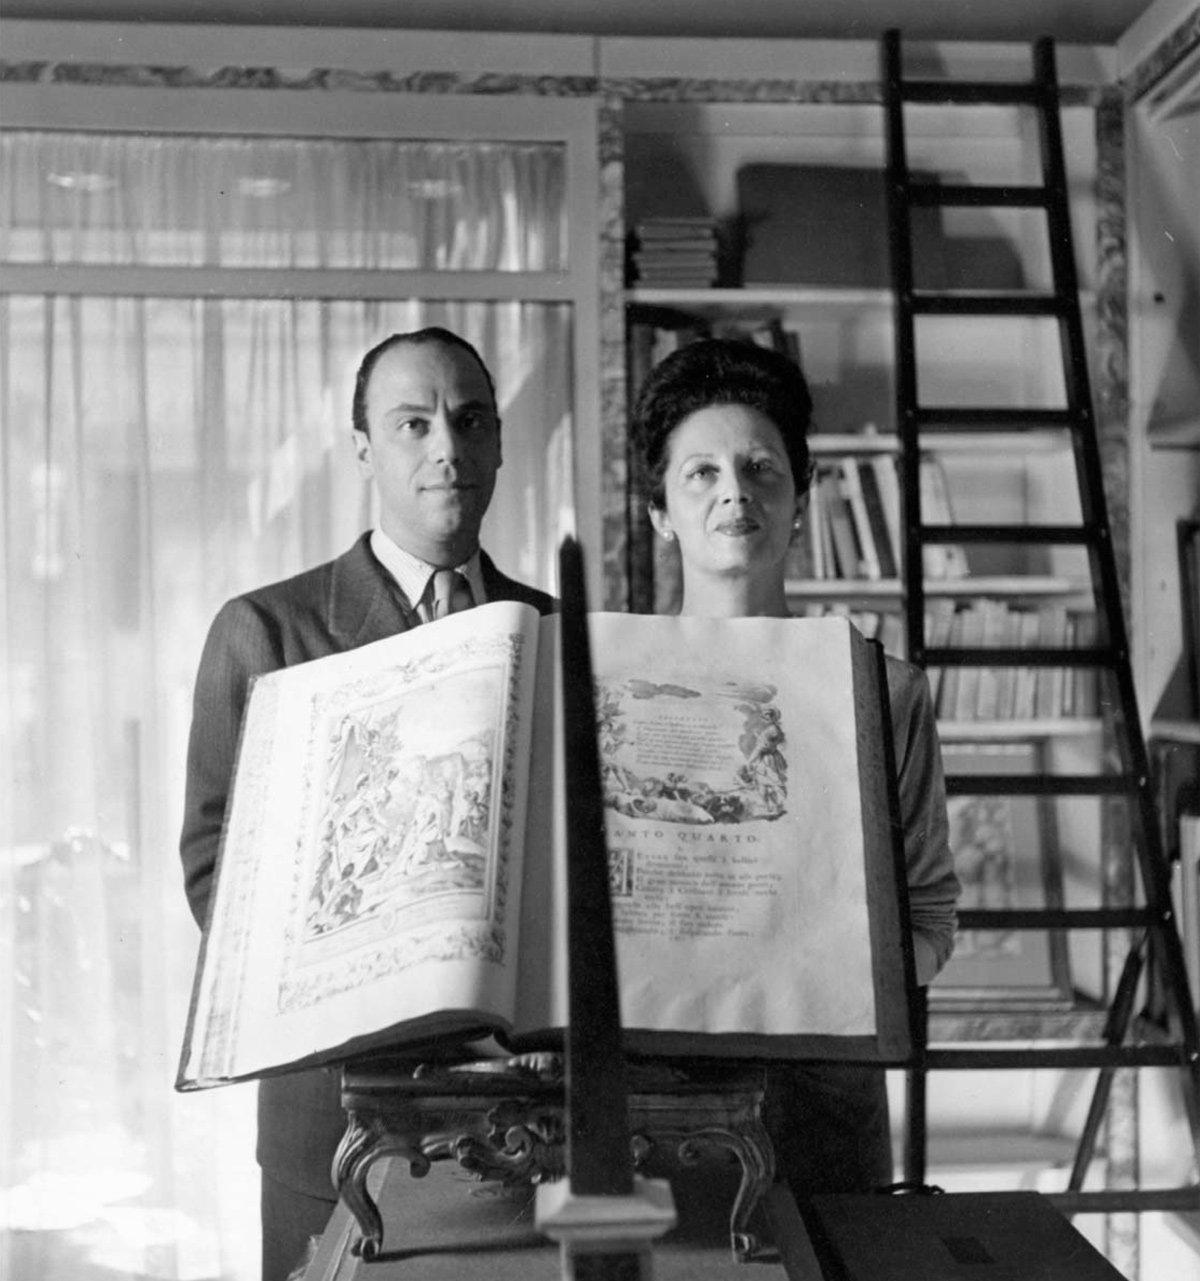 Rome - Irene Brin and Gaspero Del Corso holding the Gerusalemme Liberata